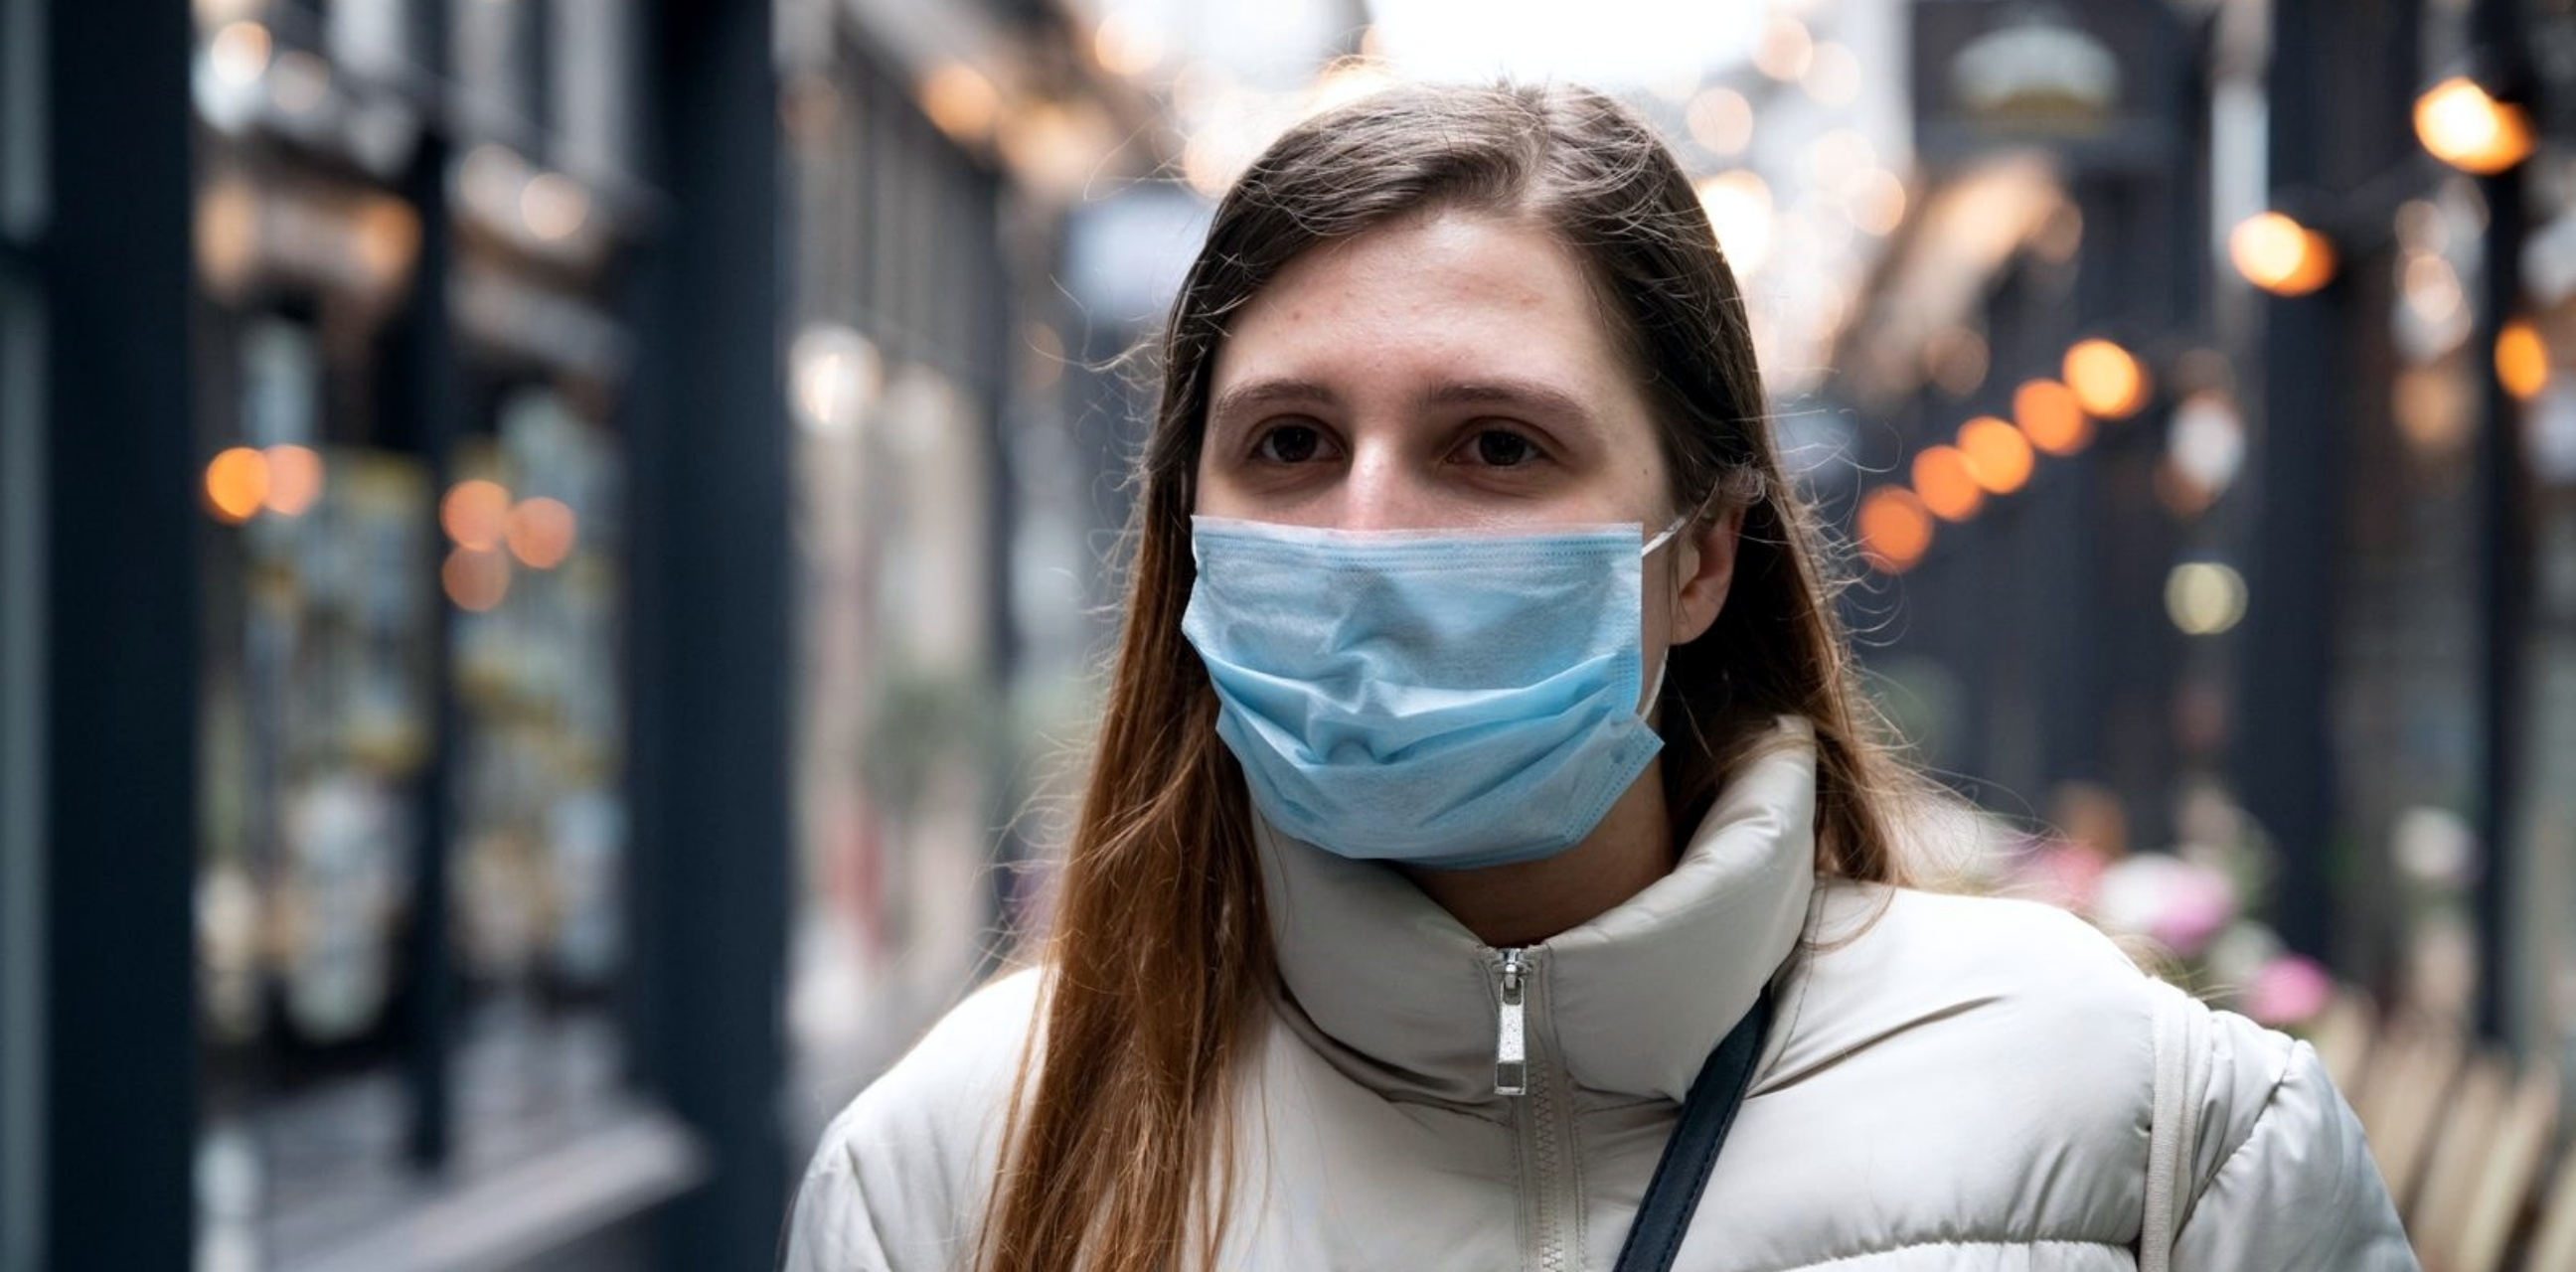 Waspada, generasi milenial juga cukup rentan terpapar Virus Corona